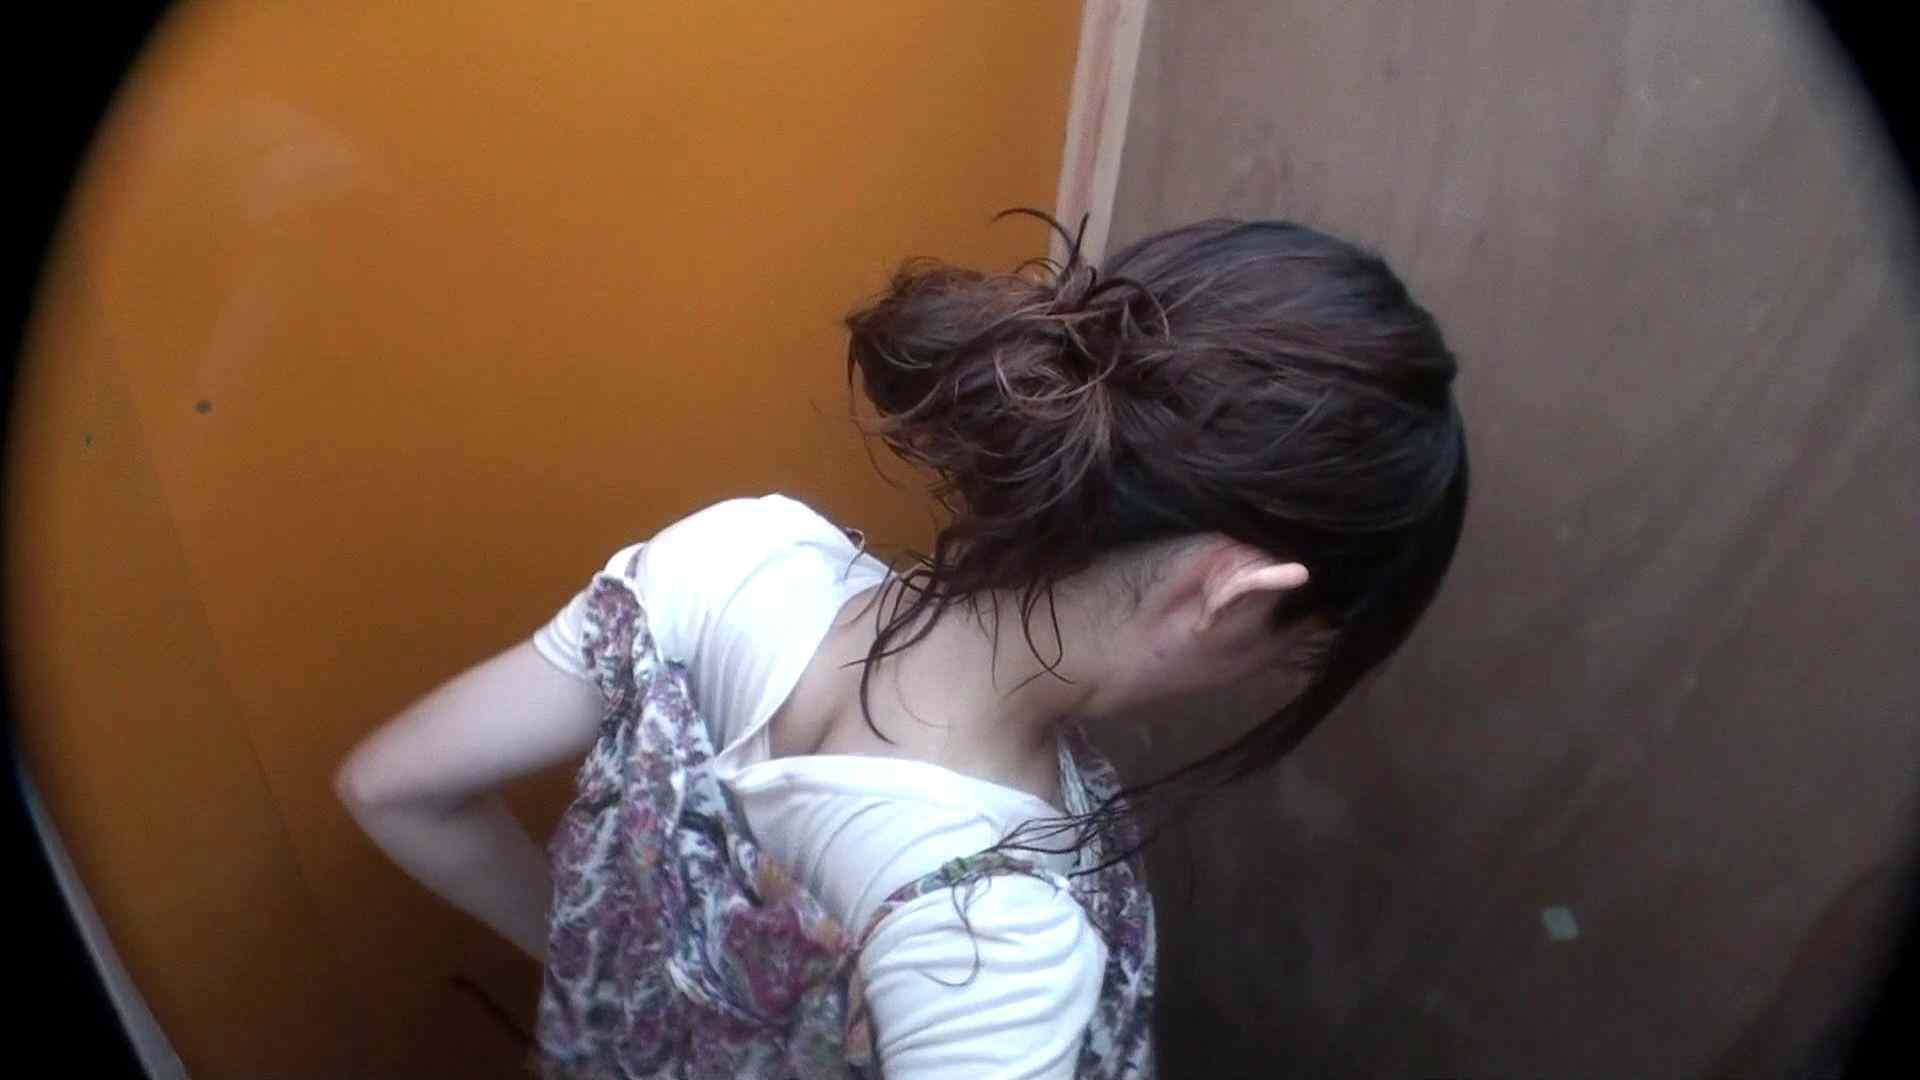 シャワールームは超!!危険な香りVol.29 こっちを向いて欲しい貧乳姉さん 脱衣所の着替え   貧乳編  85画像 13